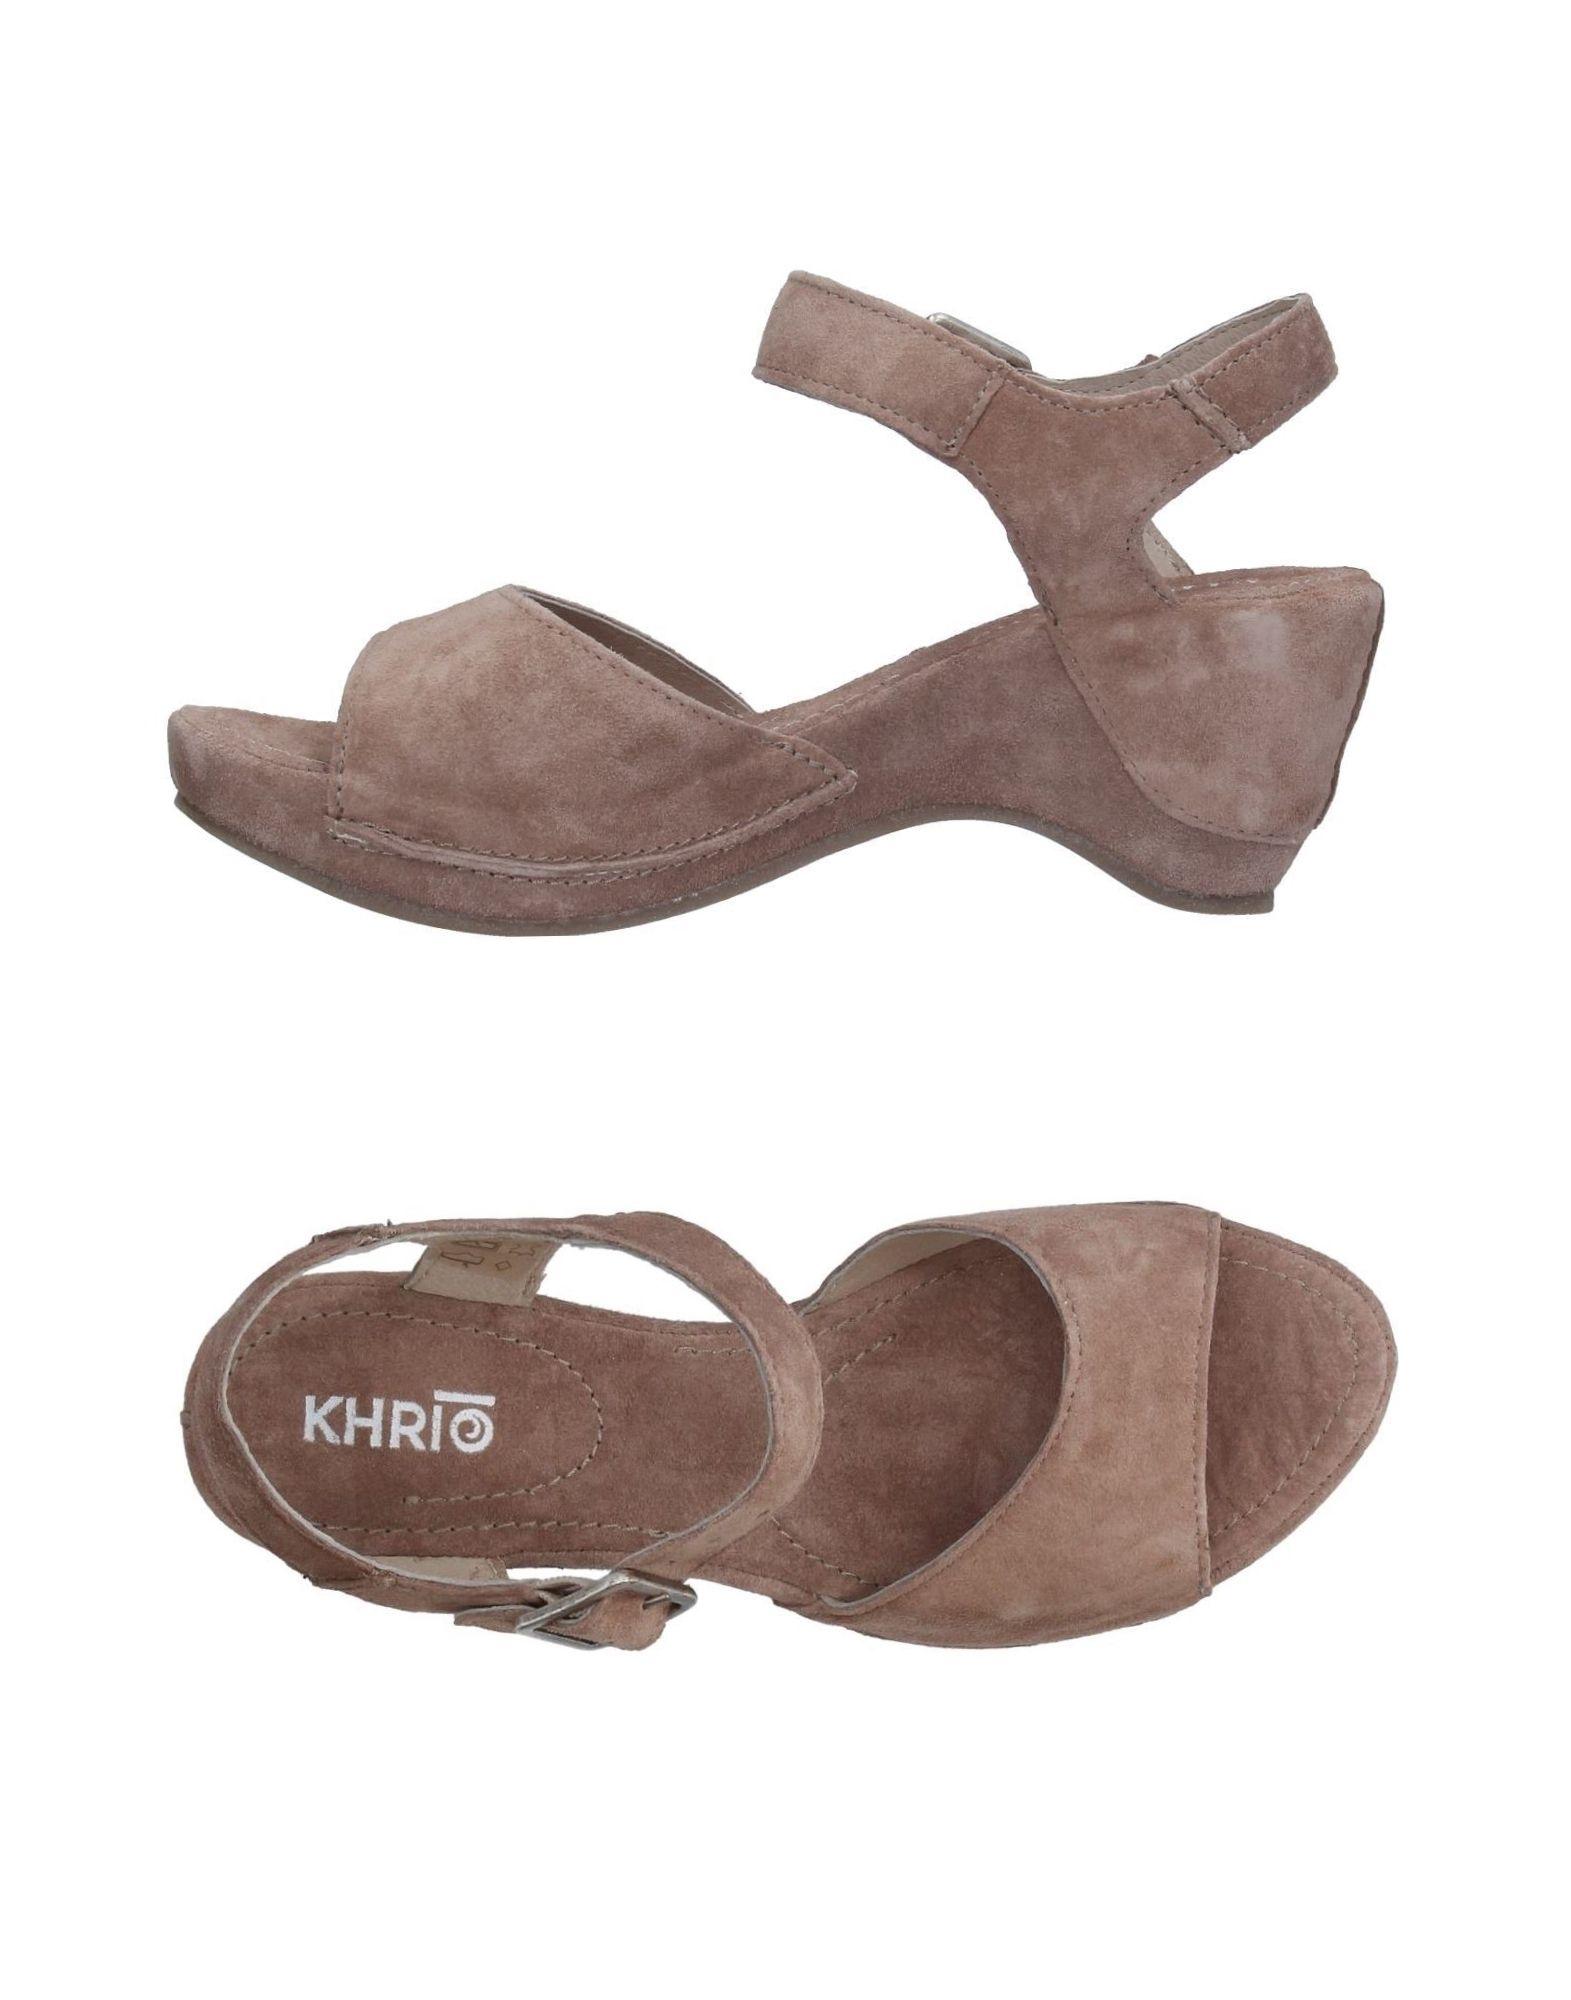 Haltbare Mode billige Schuhe Khrio' Sandalen Damen  11326962KX Heiße Schuhe